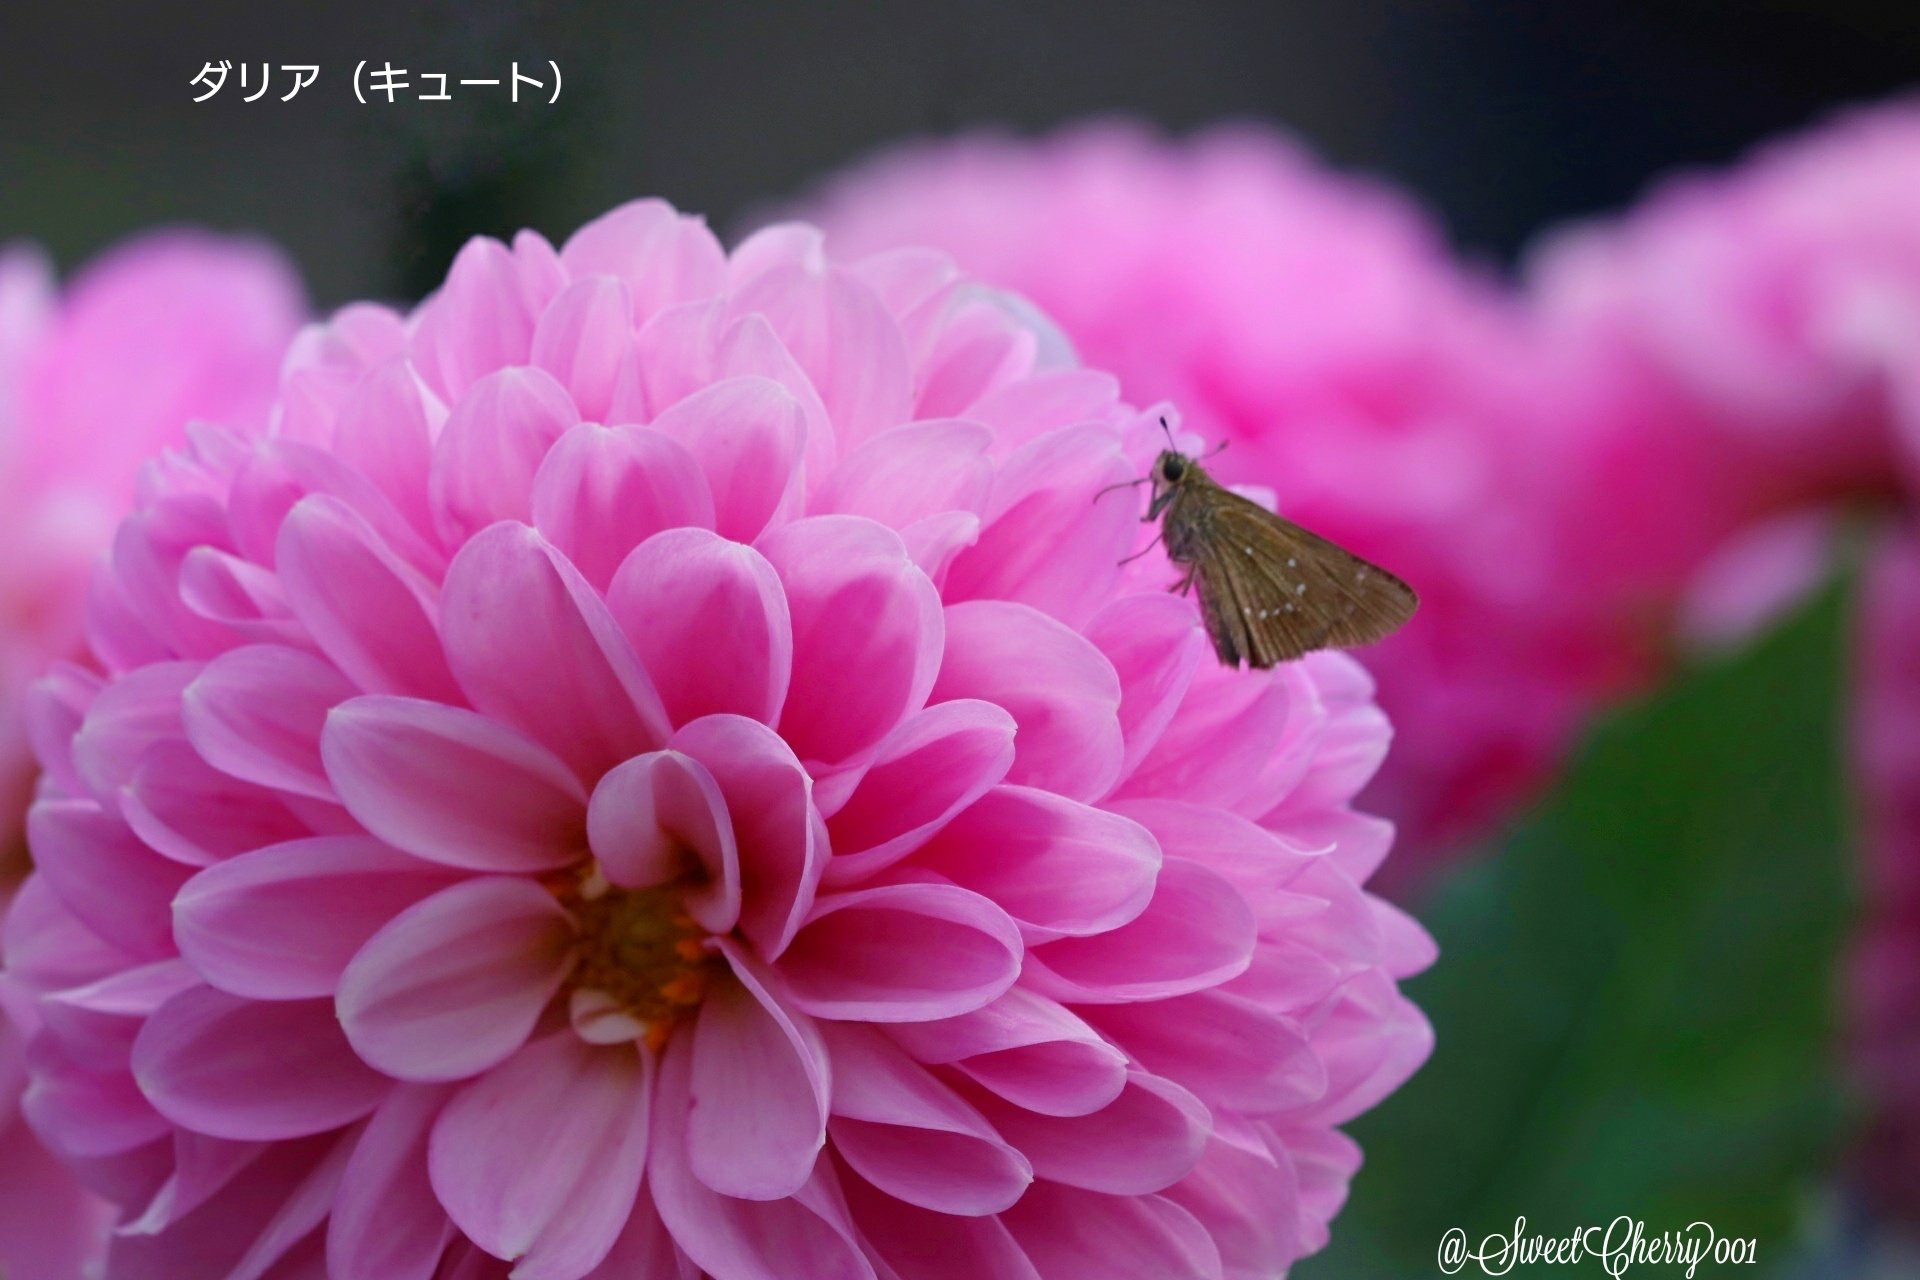 4AC3B3FB-2B18-4CA0-985B-29CD93DEBD53